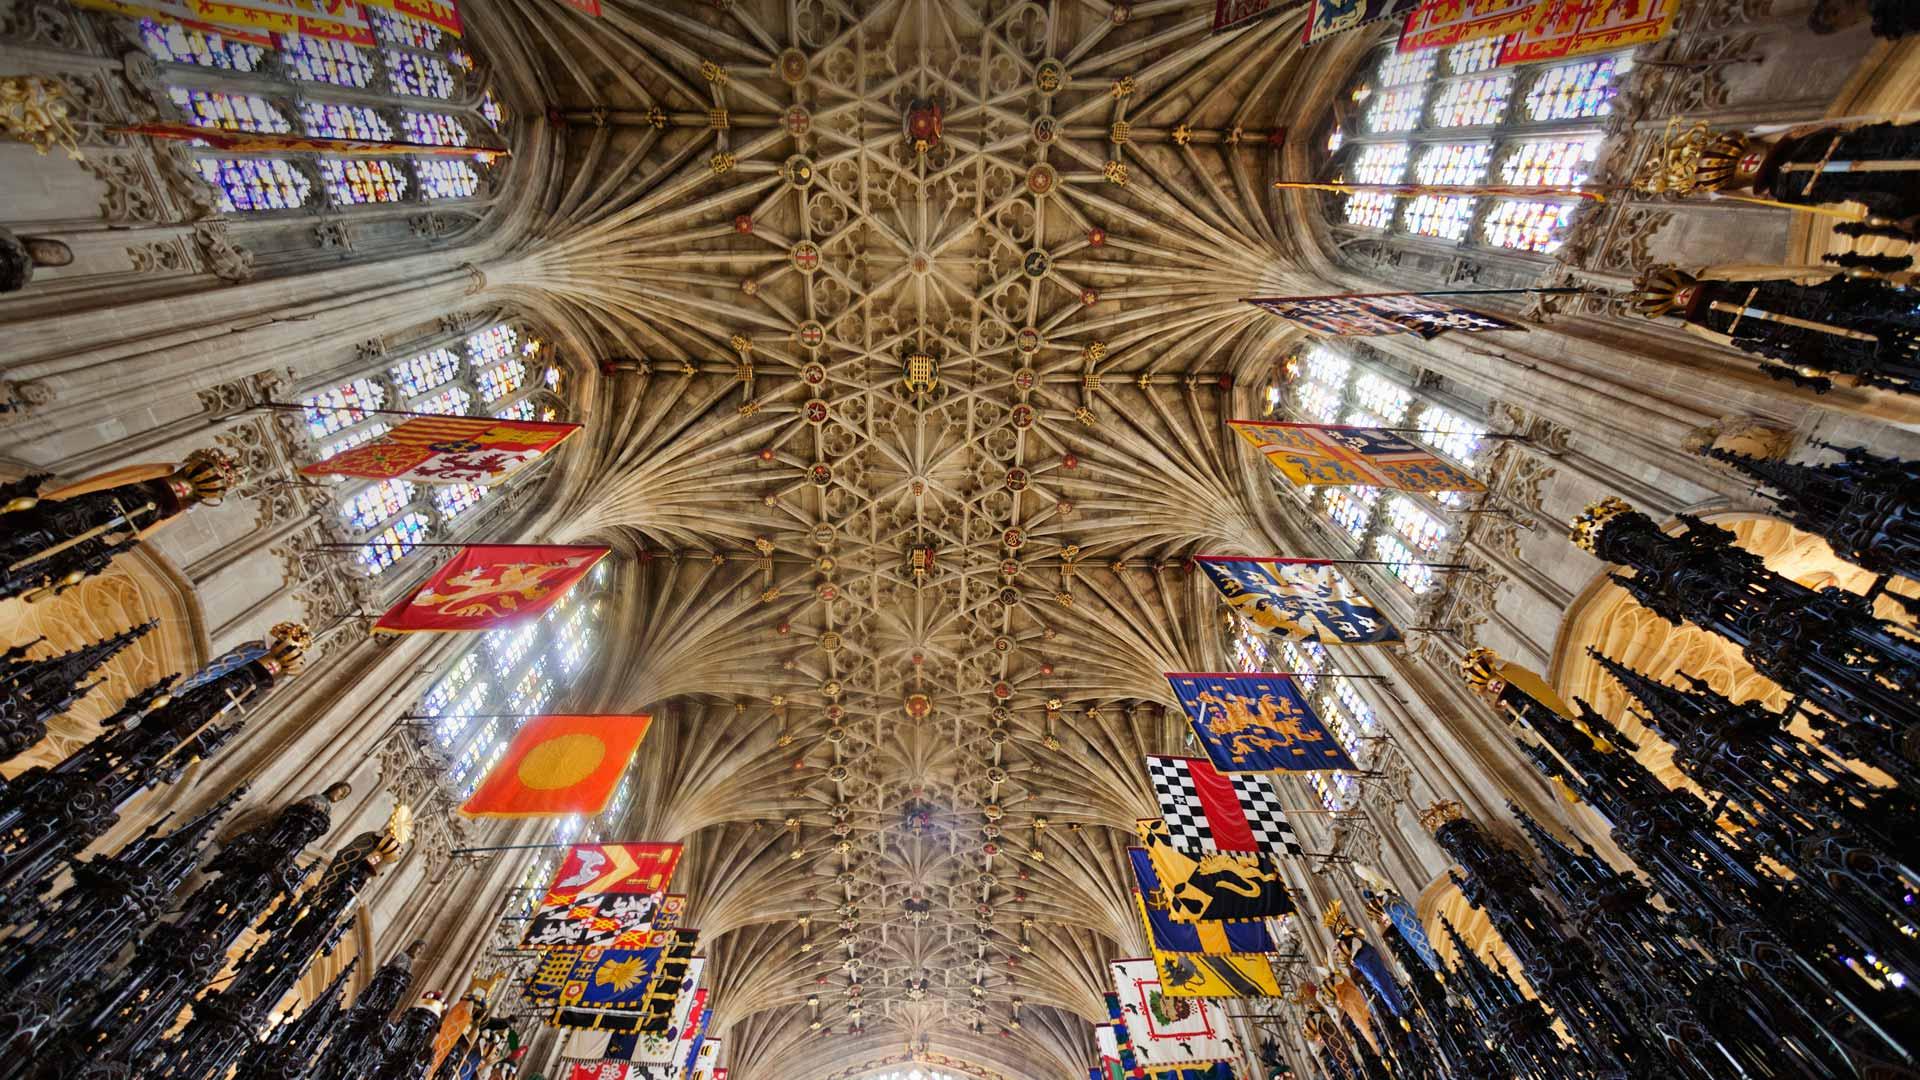 「聖ジョージ礼拝堂の天井」イギリス バークシャー州 ウィンザー城 Peapix